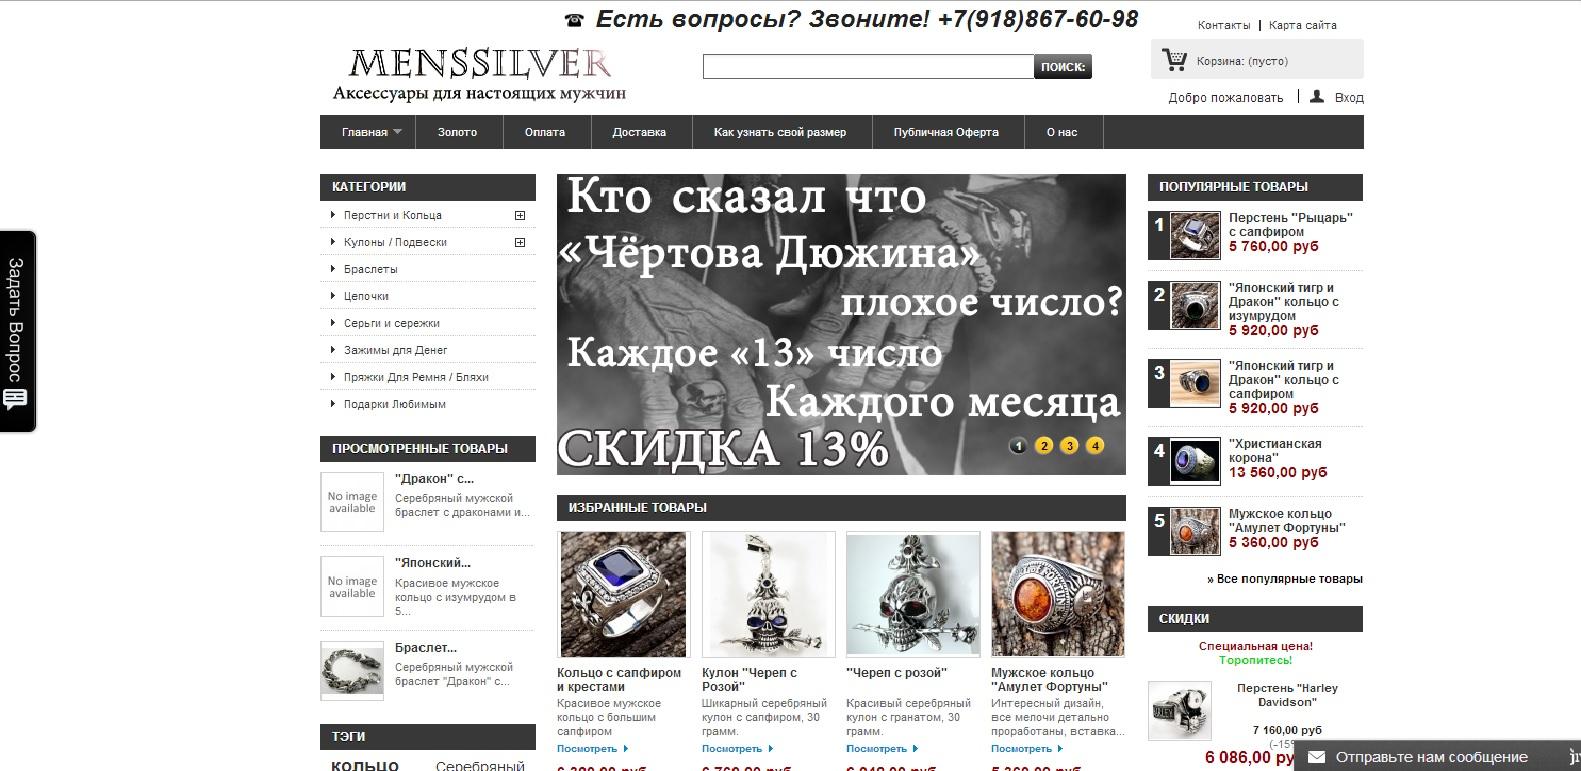 купить серебряное мужское кольцо, перстень, браслет, цепочку, серьги, кулон, подвеску в магазине menssilver.ru